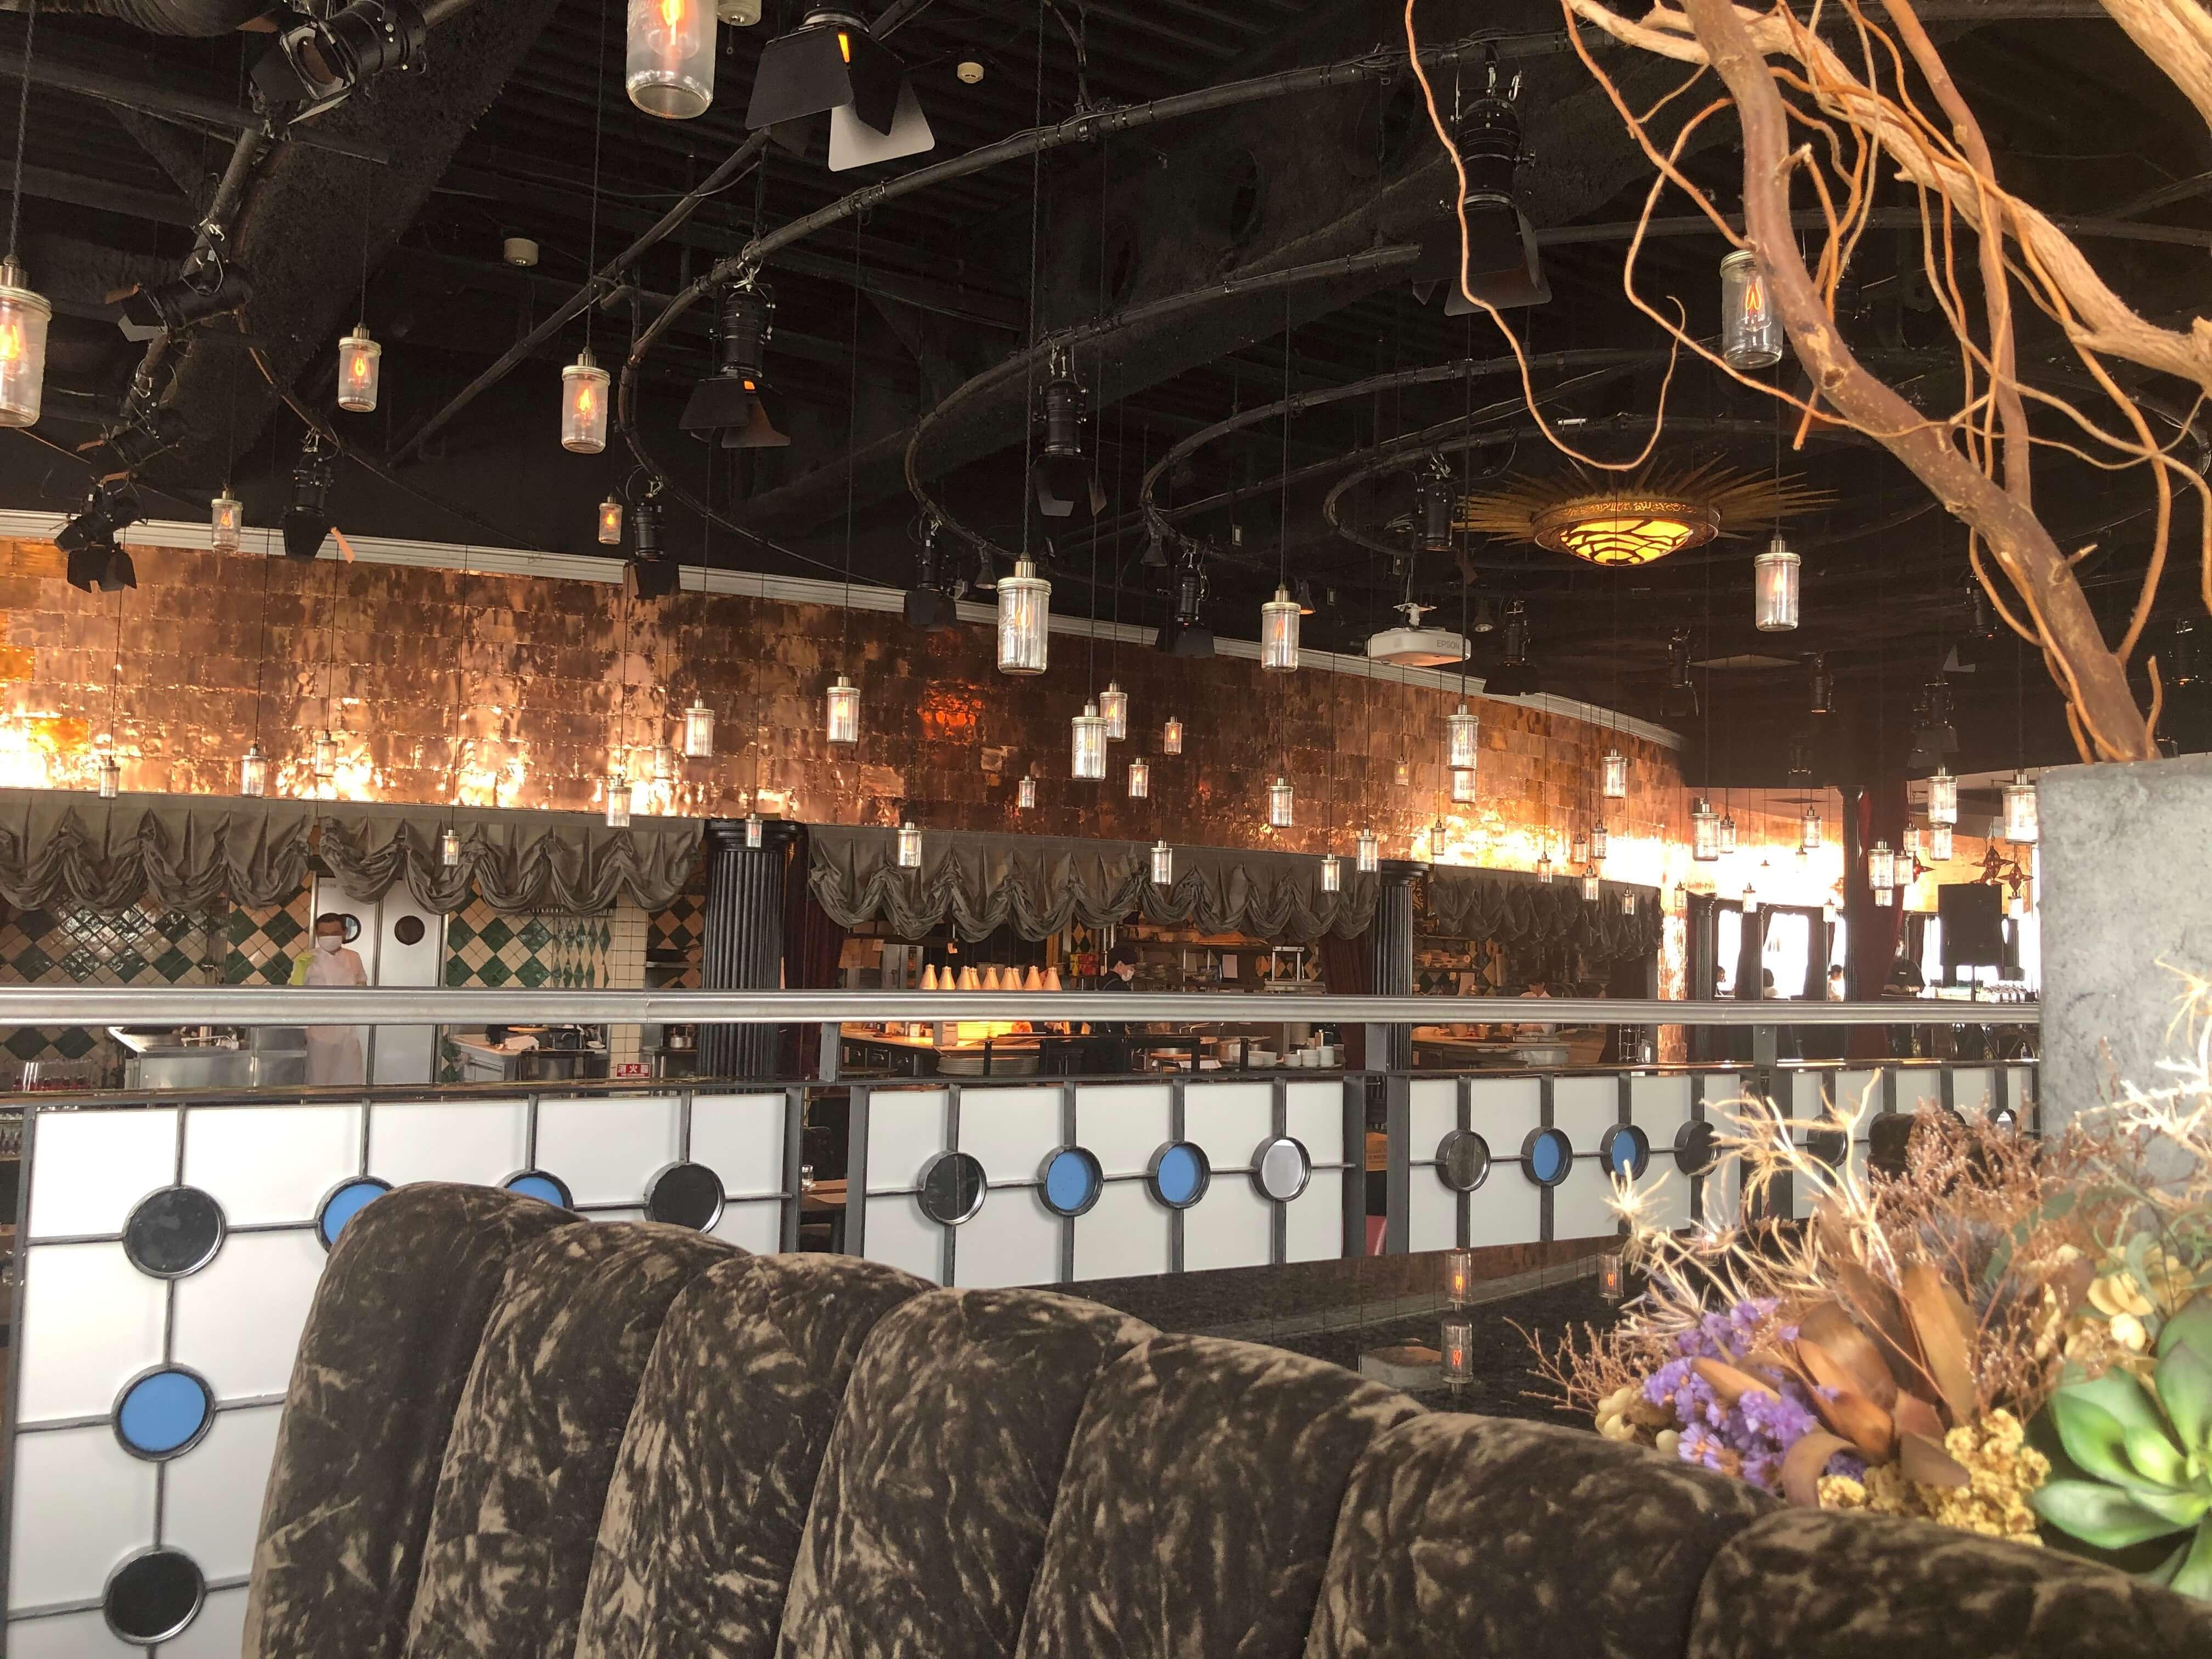 ランプがたくさん浮いているように見える素敵な大空間の店内。結婚式やパーティーなども行っている。